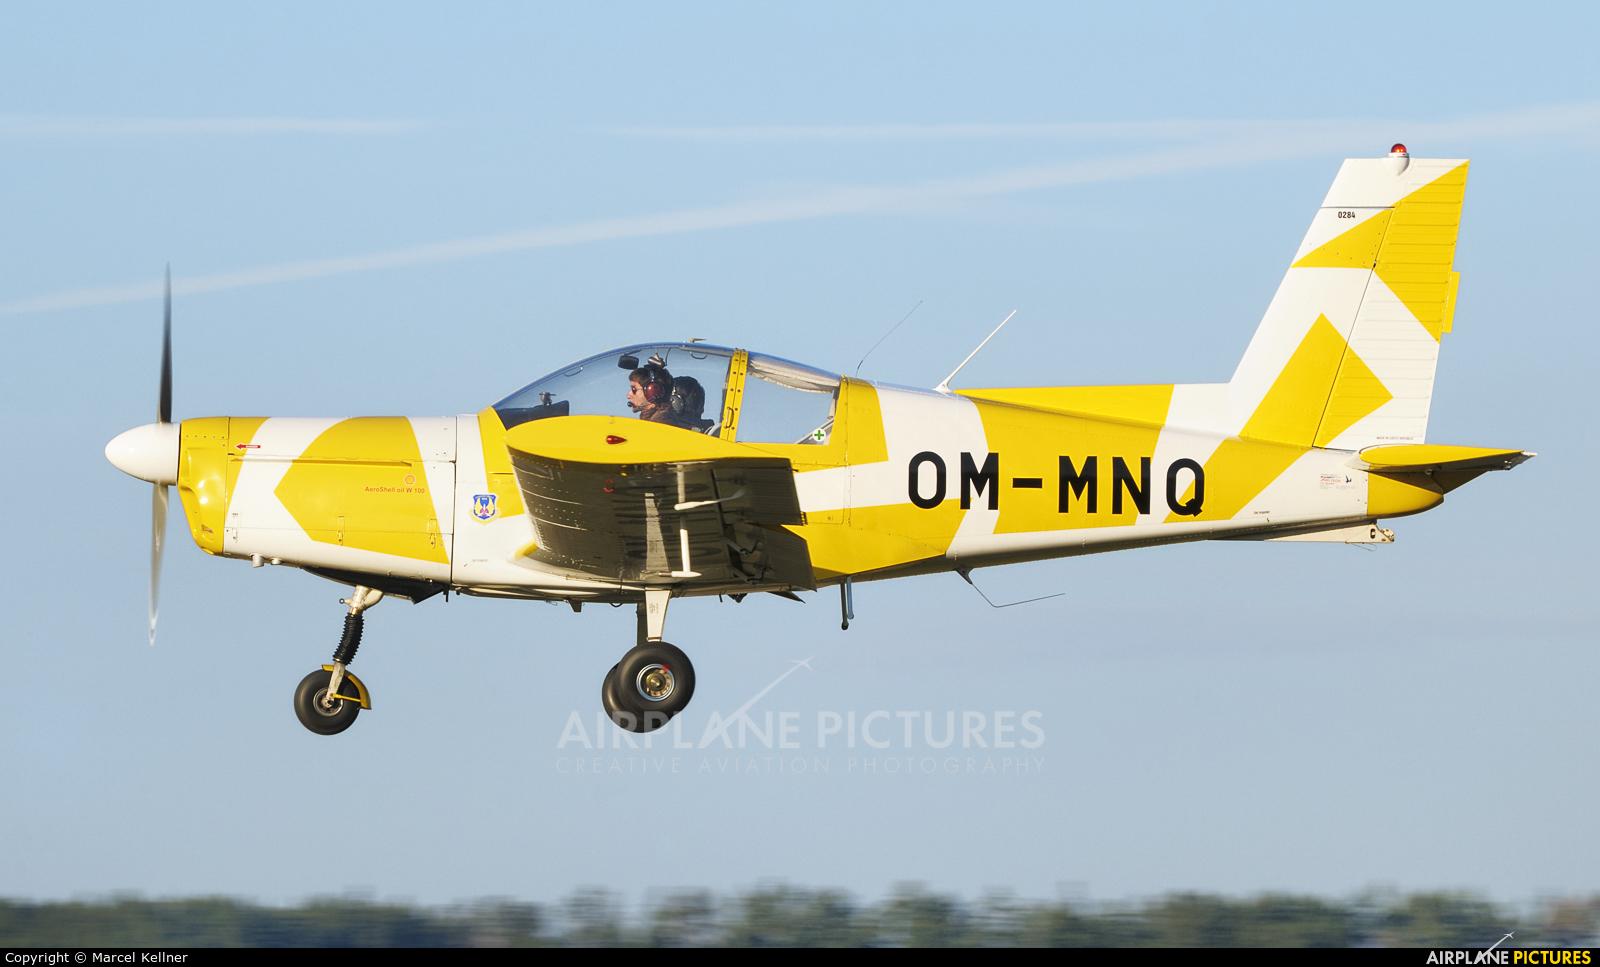 Aeroklub Svidník OM-MNQ aircraft at Spišská Nová Ves